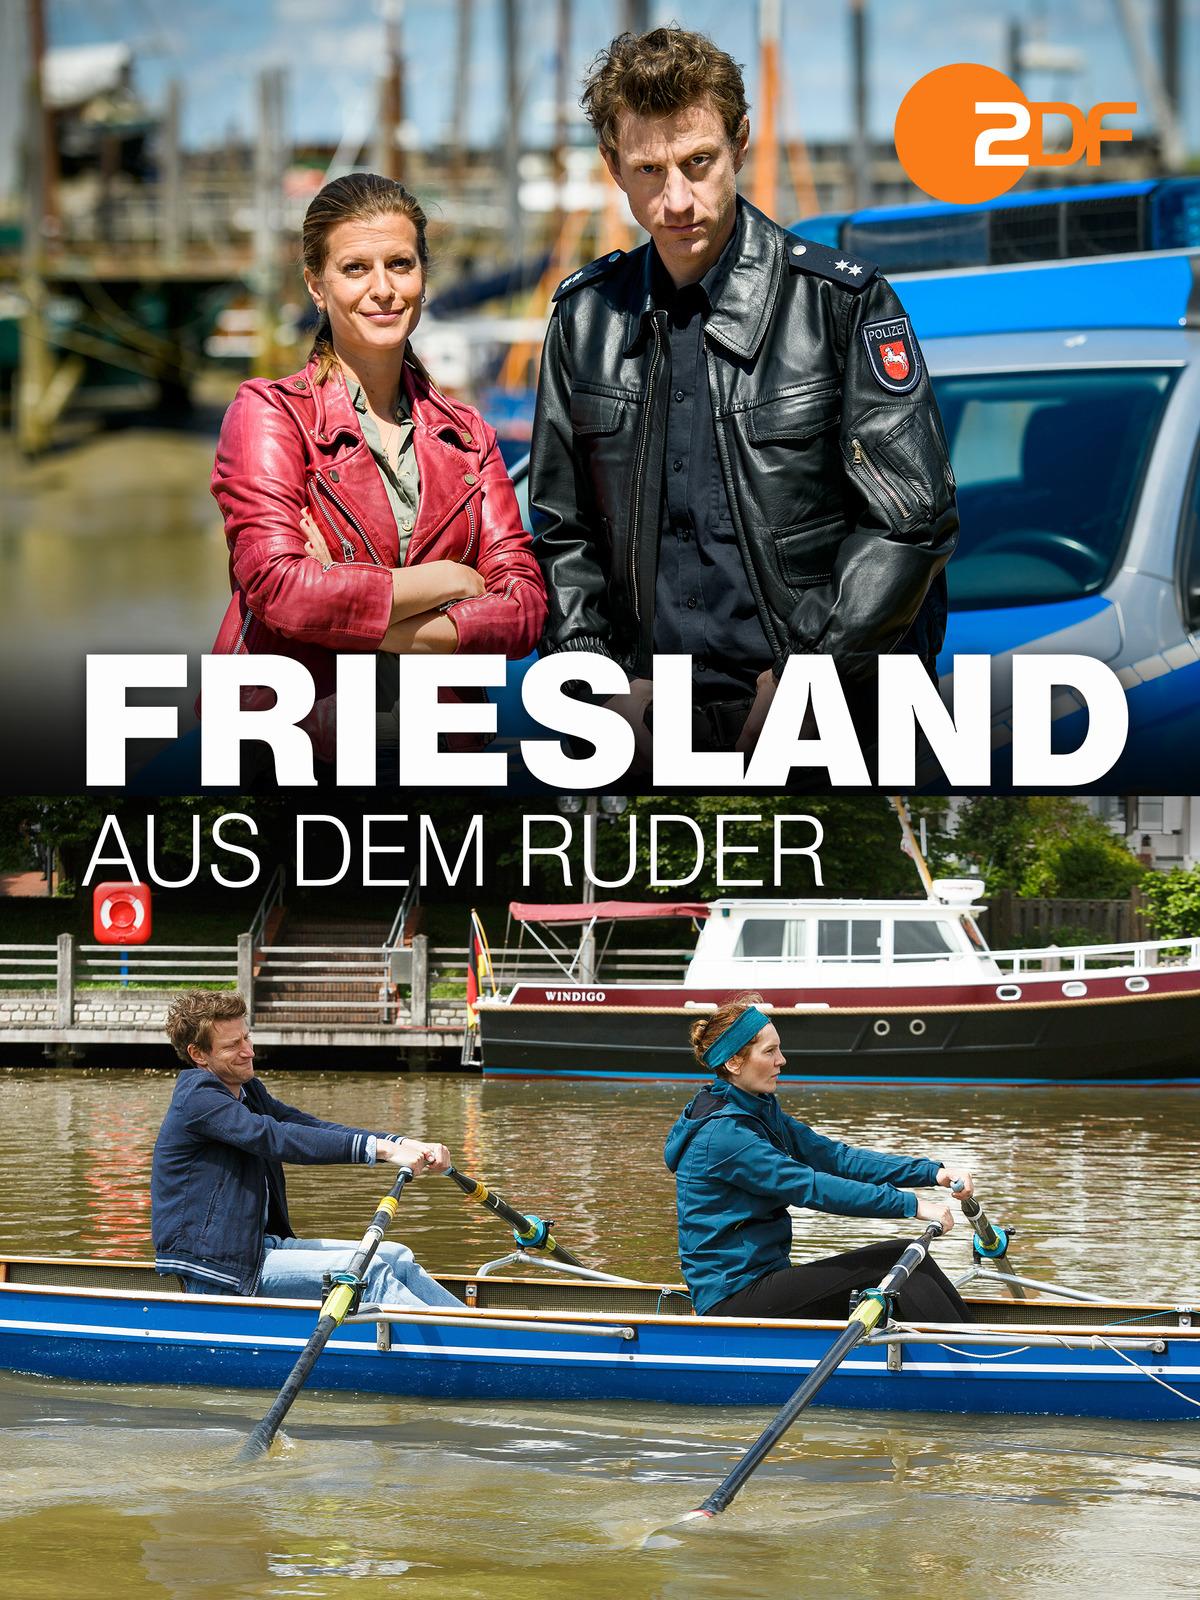 Friesland - Aus dem Ruder